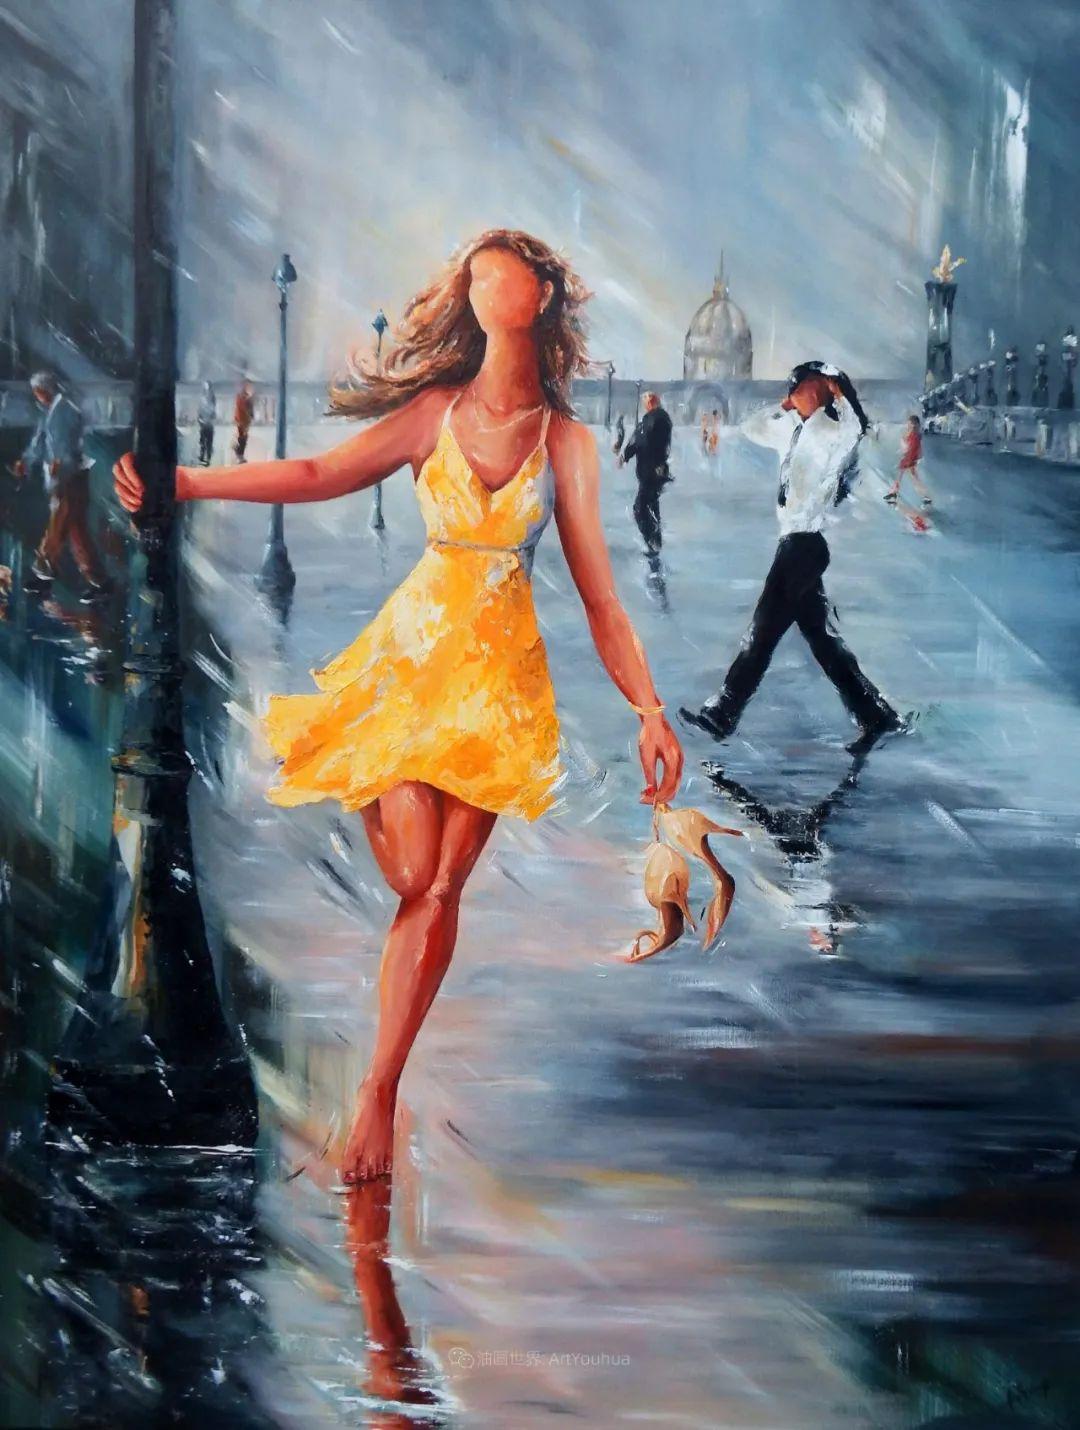 穿黄裙的女人,无忧无虑,轻盈美丽!插图1